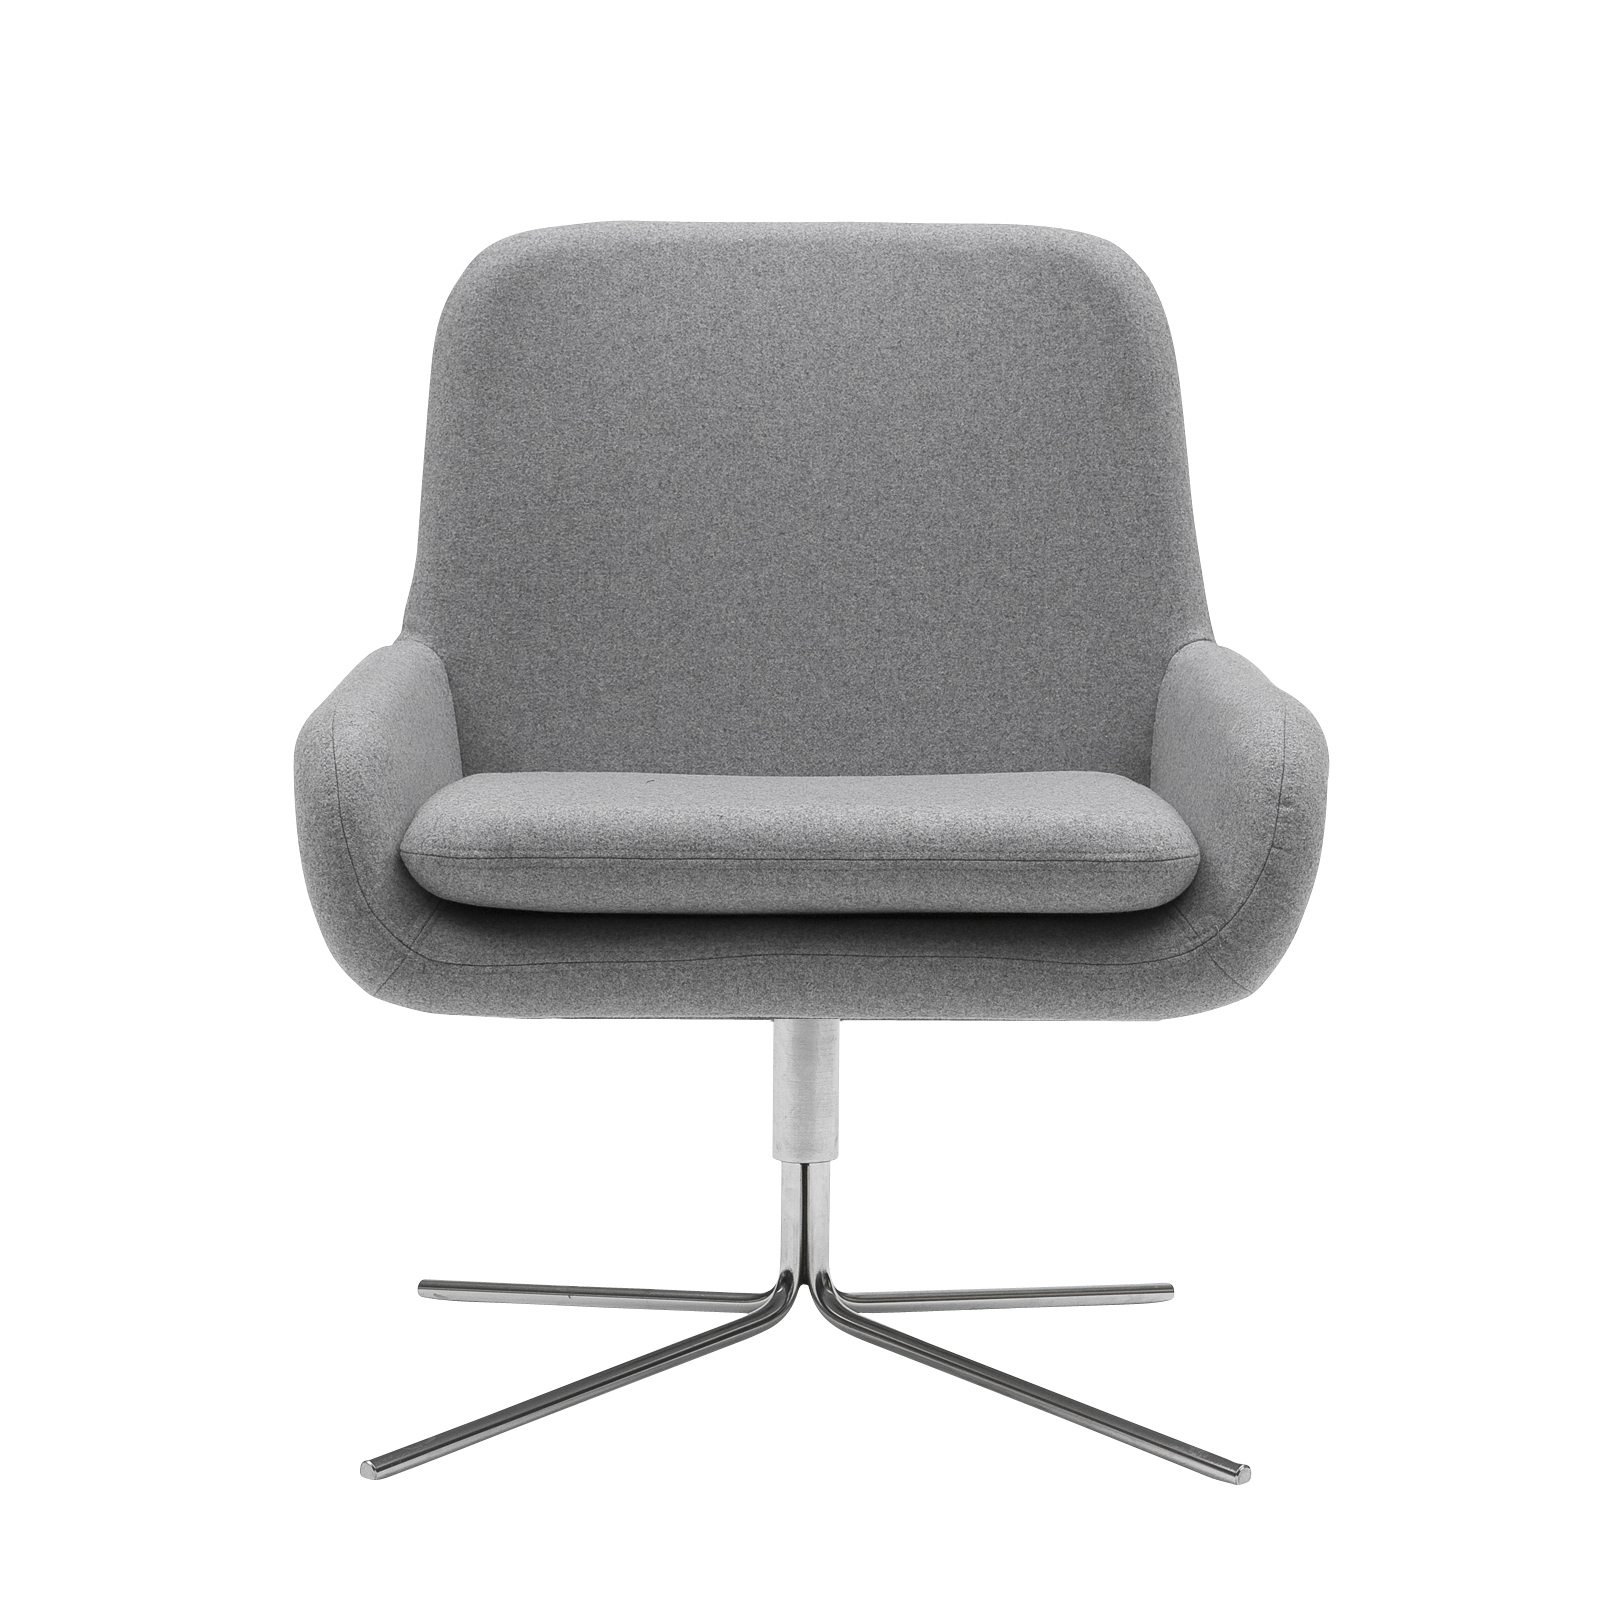 Кресло Coco SwivelИнтерьерные<br>Дизайнерское небольшое современное вращающееся кресло Coco Swivel (Коко Свивэл) из ткани на одной ножке от Softline (Софтлайн).<br><br>Кресло Coco Swivel — красивое и смелое кресло с минималистским, но очень динамичным дизайном. Это результат сотрудничества между Флеммингом Буском и Стефаном Б.Херцогом, датским коллективом дизайнеров, известными своими наградами в области дизайна мебели.<br><br><br><br> <br><br><br> Оригинальное кресло Coco Swivel от компании Softline — это выбор для активных и жизнерадостны...<br><br>stock: 0<br>Высота: 76<br>Высота сиденья: 40<br>Ширина: 65<br>Глубина: 73<br>Цвет ножек: Хром<br>Механизмы: Поворотная функция<br>Материал обивки: Шерсть, Полиамид<br>Коллекция ткани: Felt<br>Тип материала обивки: Ткань<br>Тип материала ножек: Металл<br>Цвет обивки: Серый